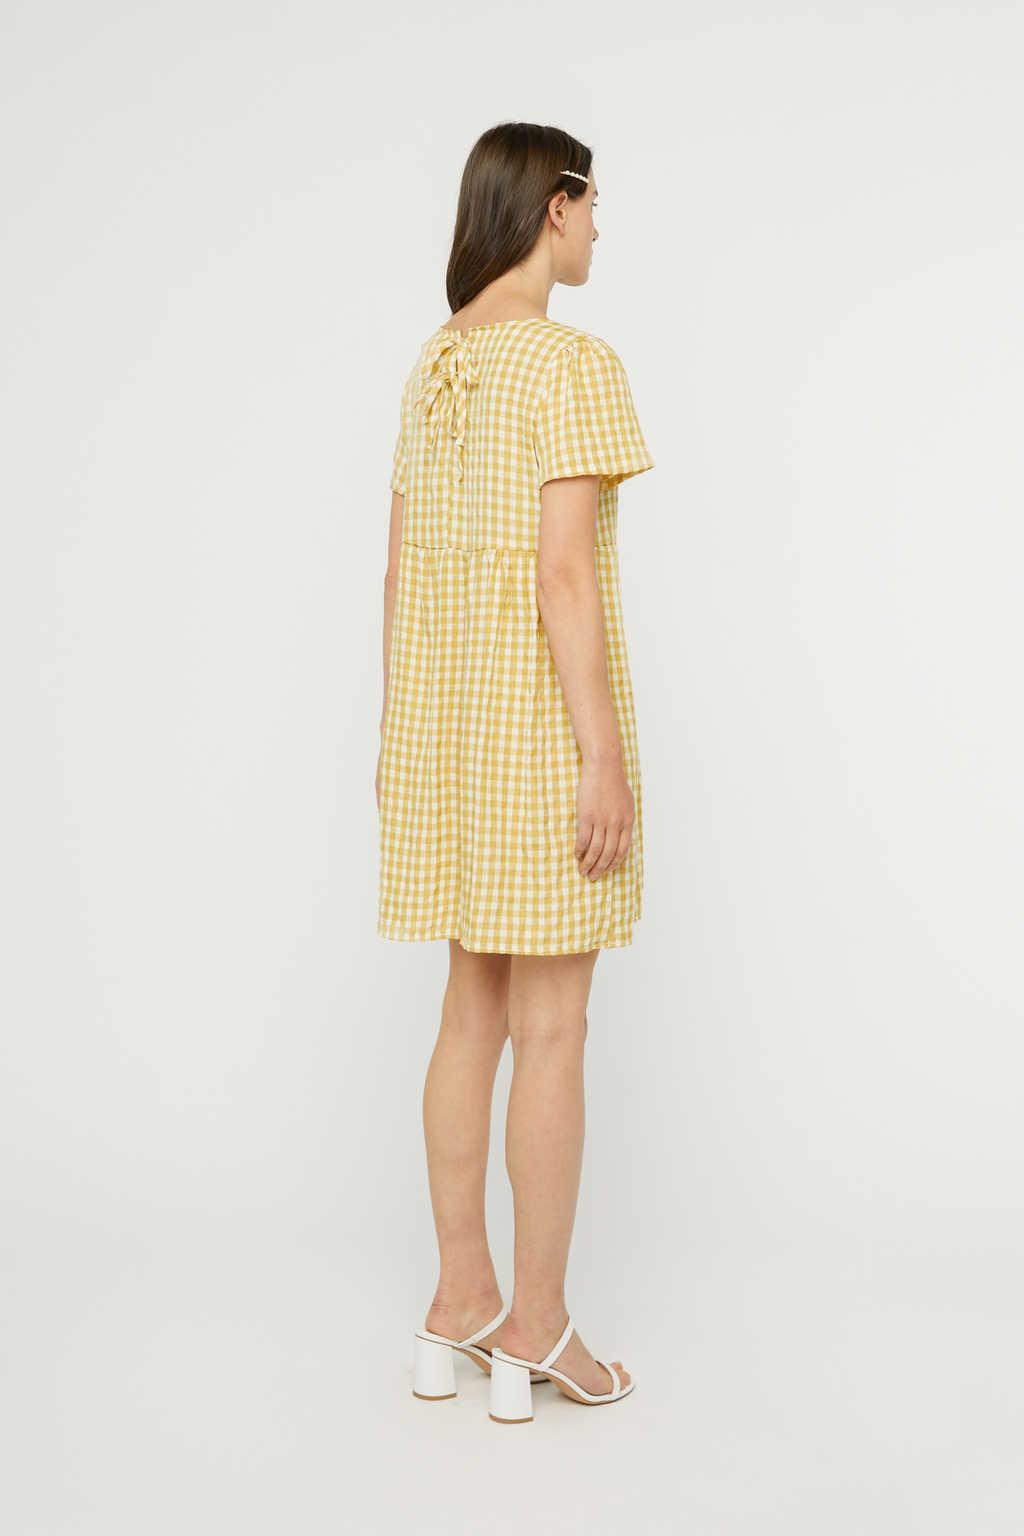 Dress K009 Mustard 4